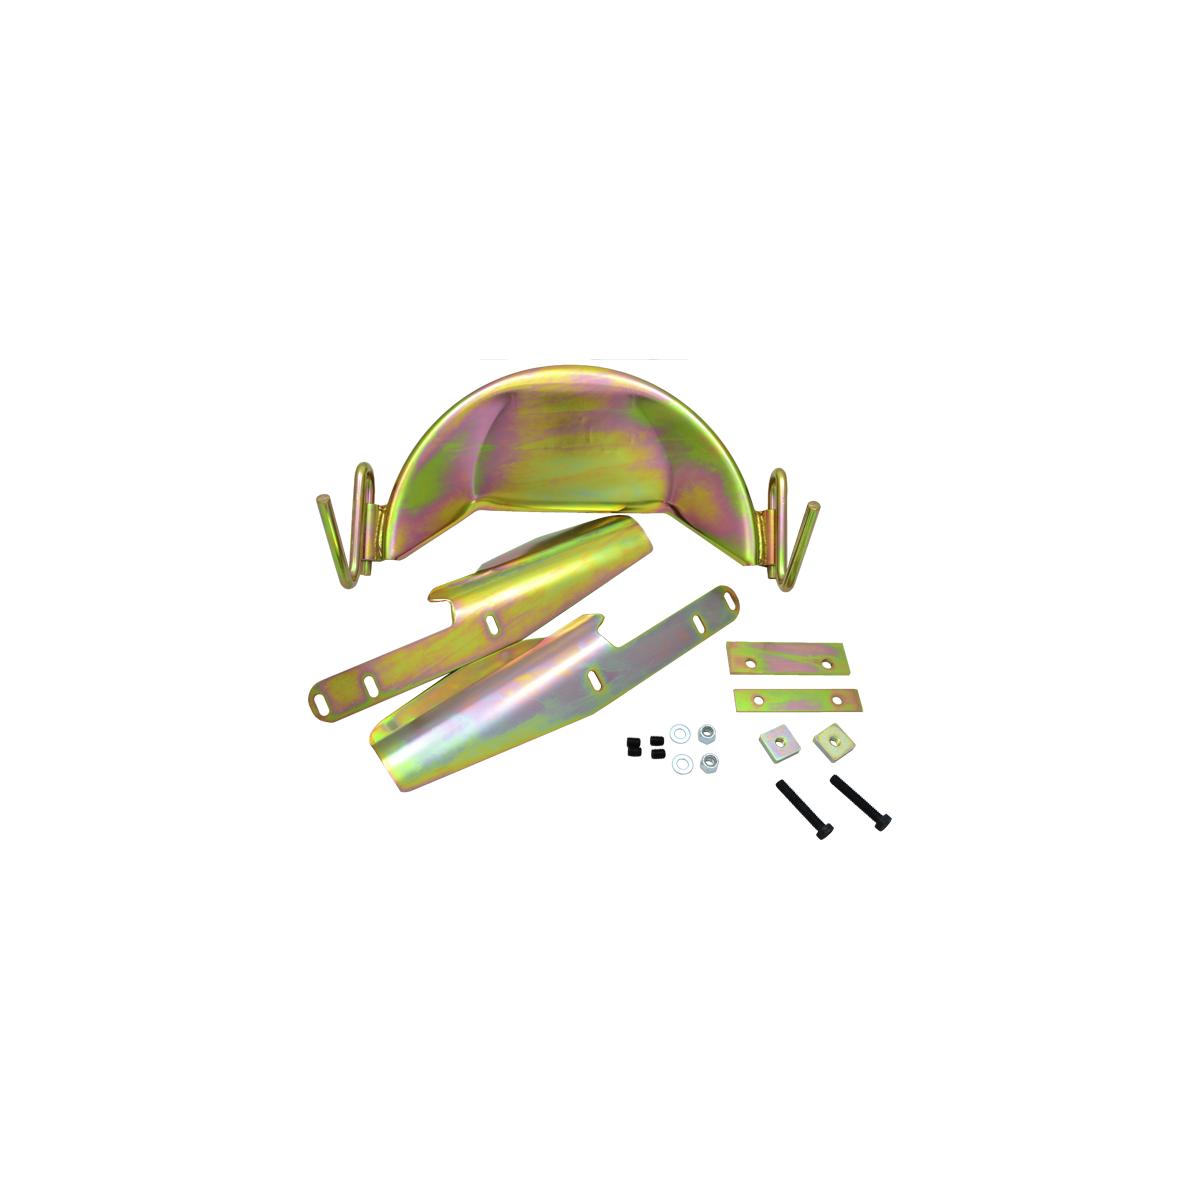 022-610-004 Fixed Orientor Pan Kit